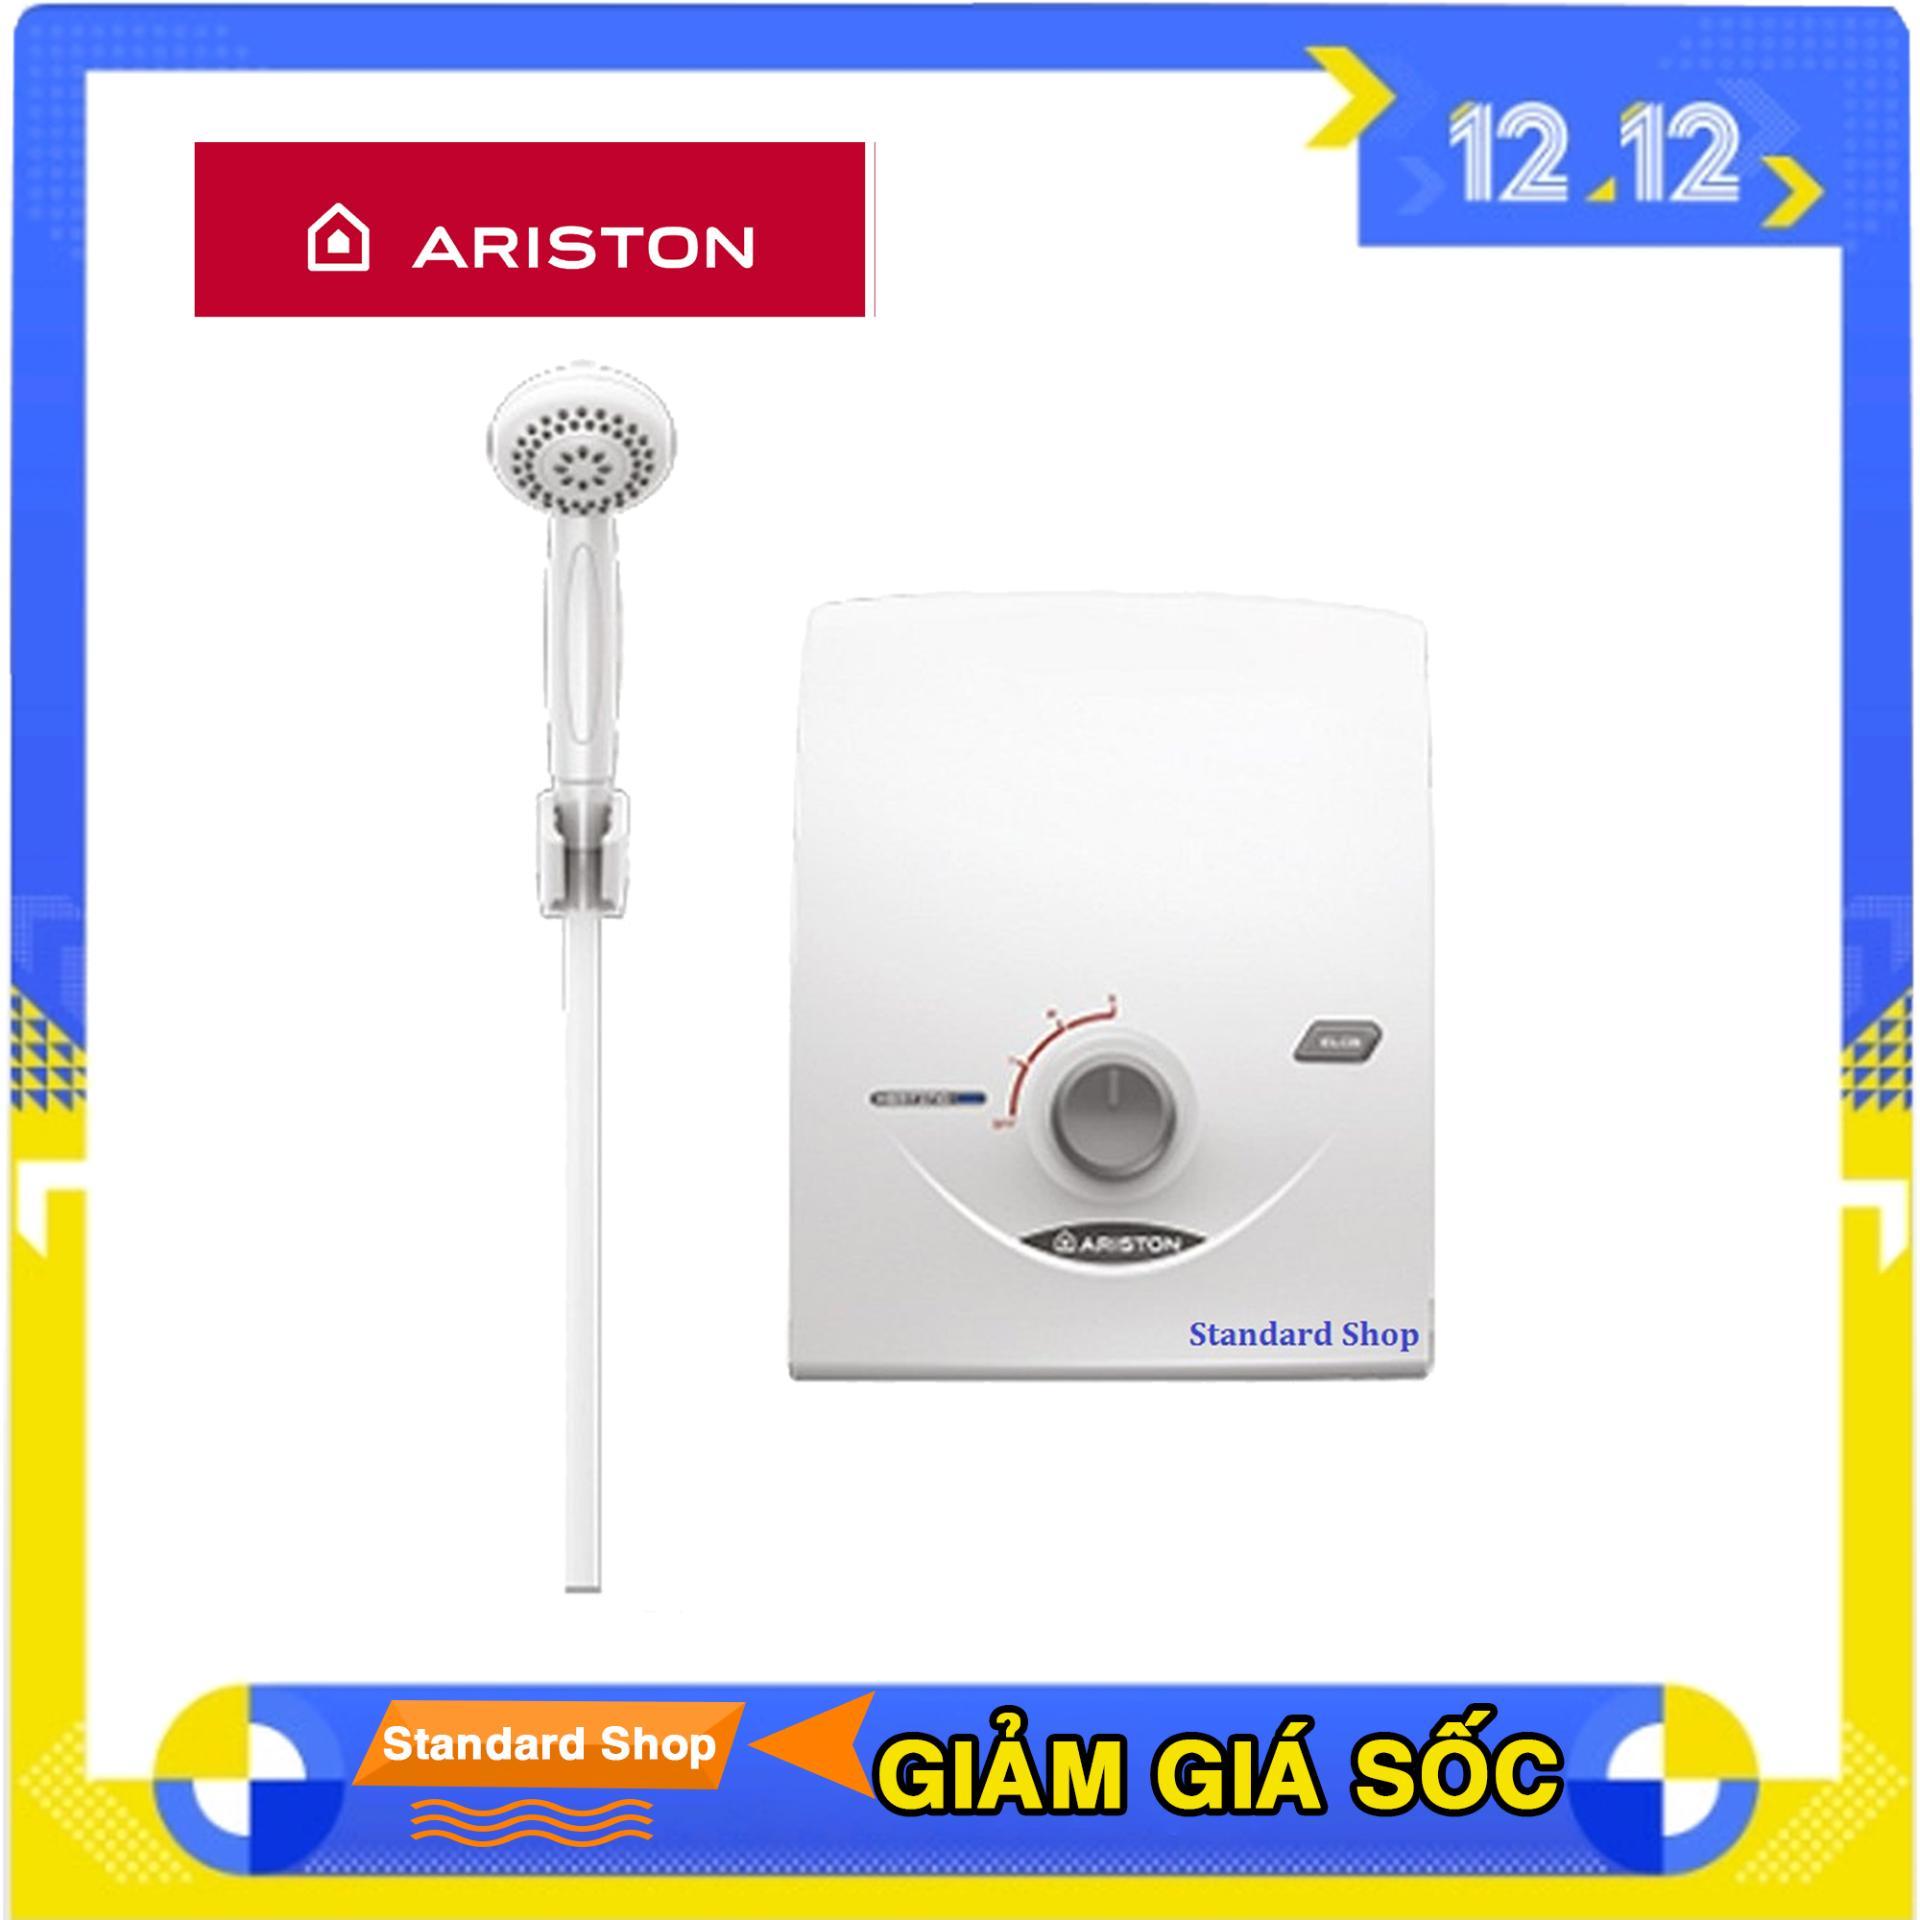 Bình nước nóng chống giật trực tiếp không bơm Ariston SB35E-VN trắng chất lượng cao